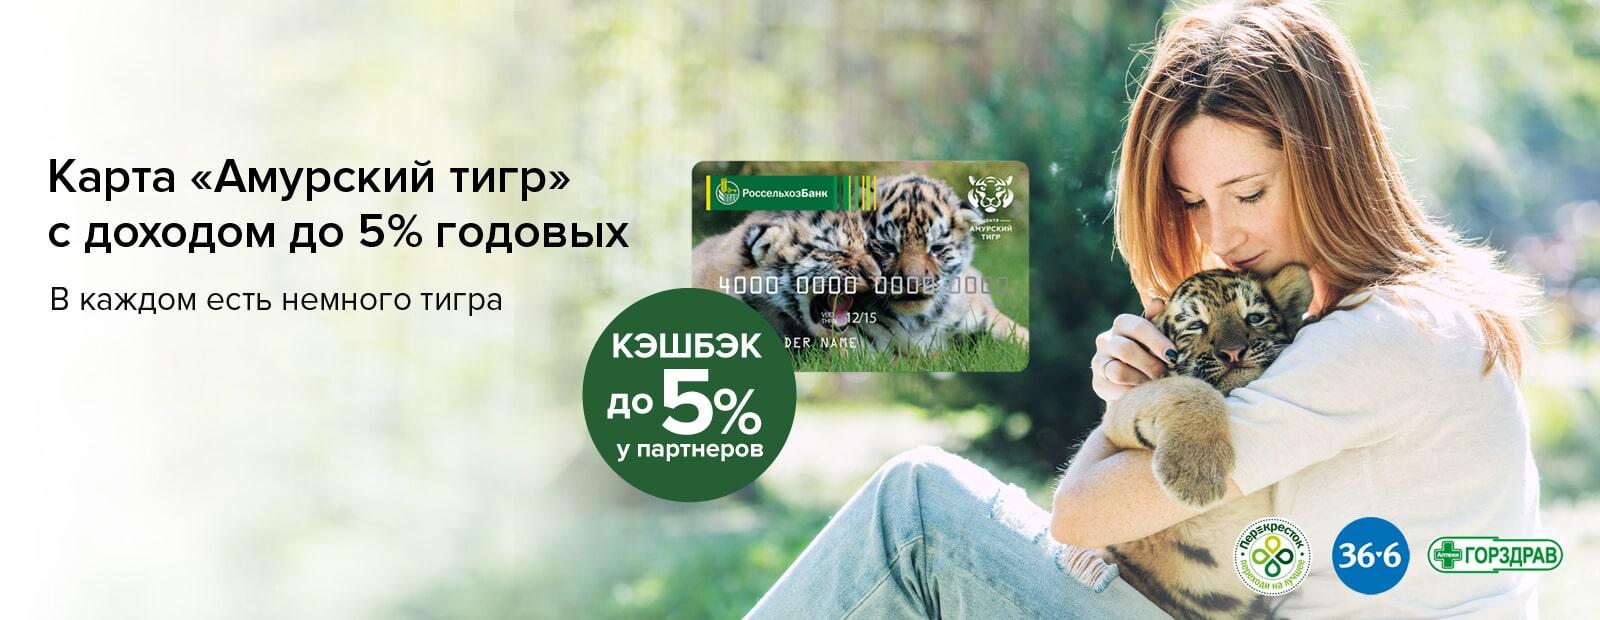 кредит пенсионерам в казахстане каспийский банк